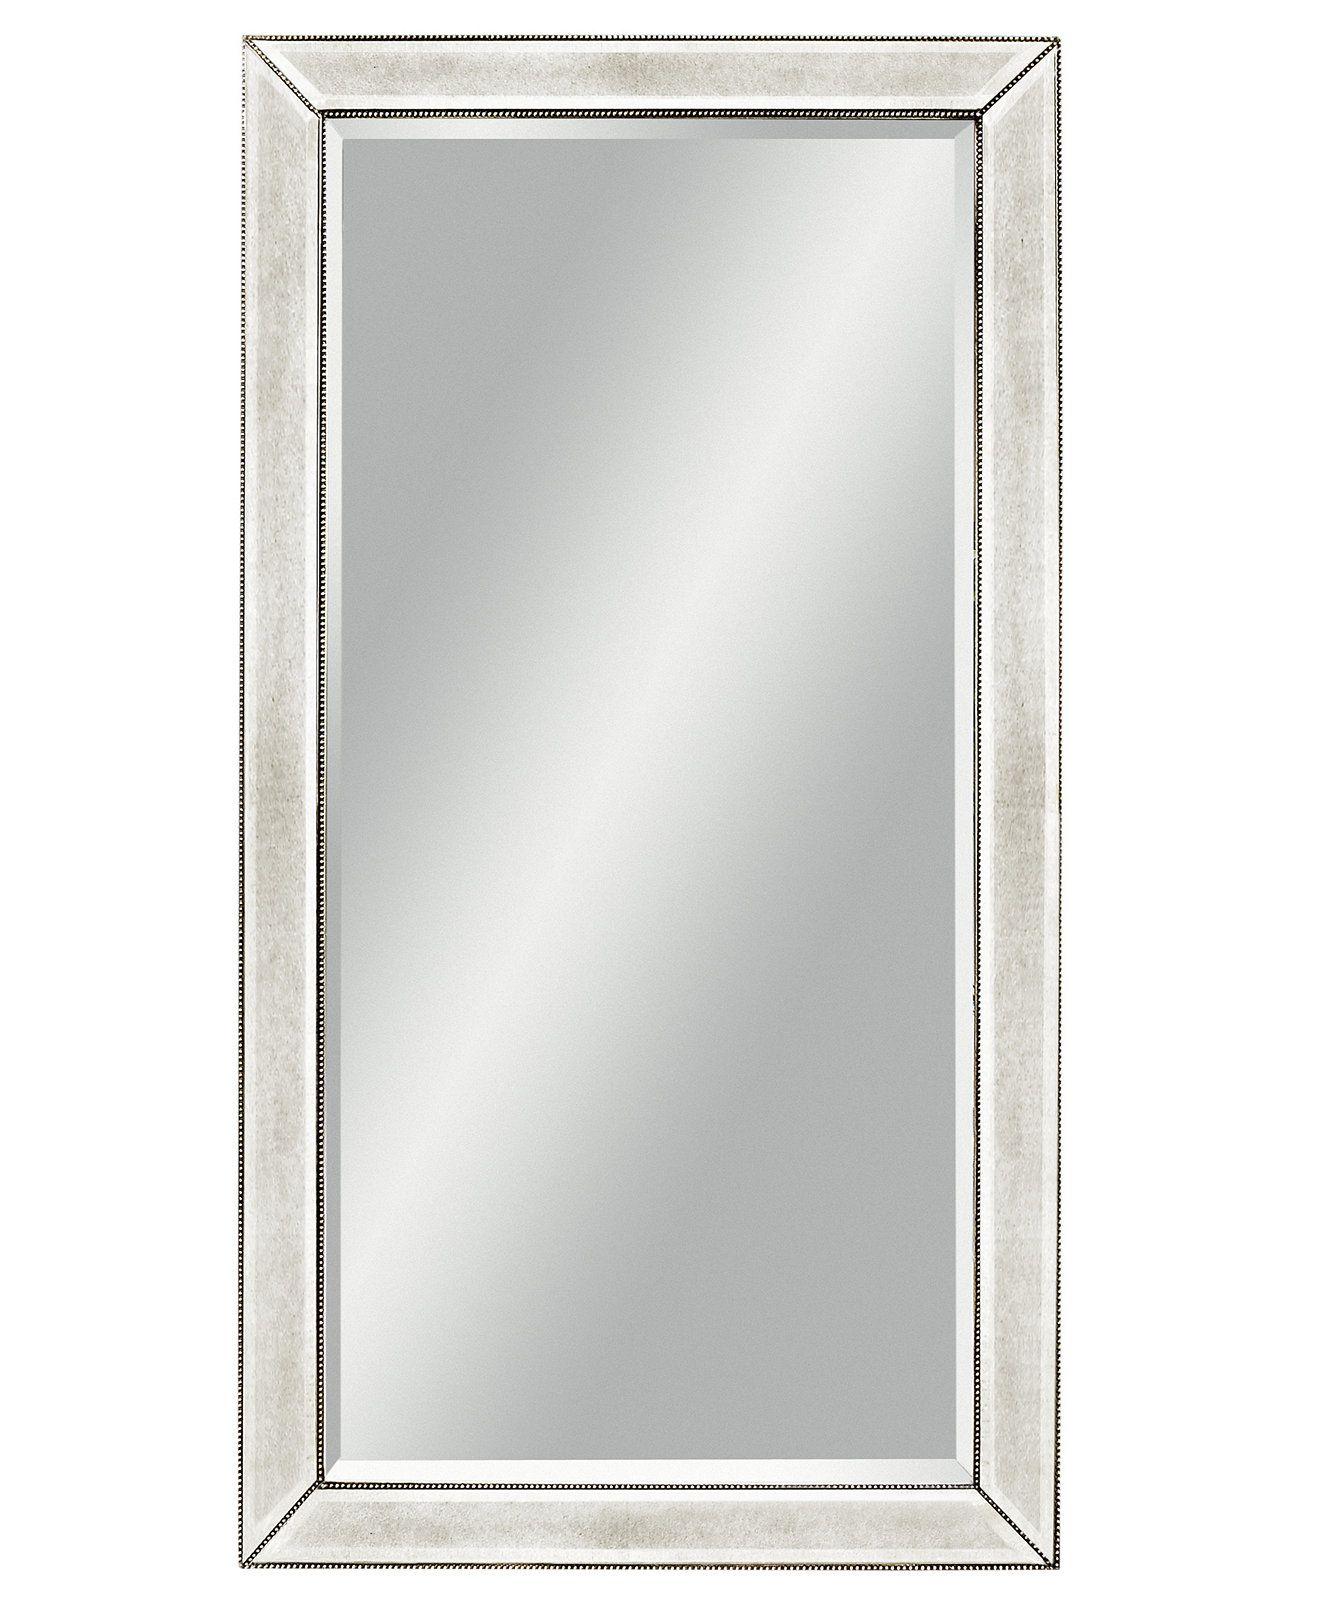 Wohnzimmer spiegelmöbel marais mirrored floor mirror  my lovely pins  pinterest